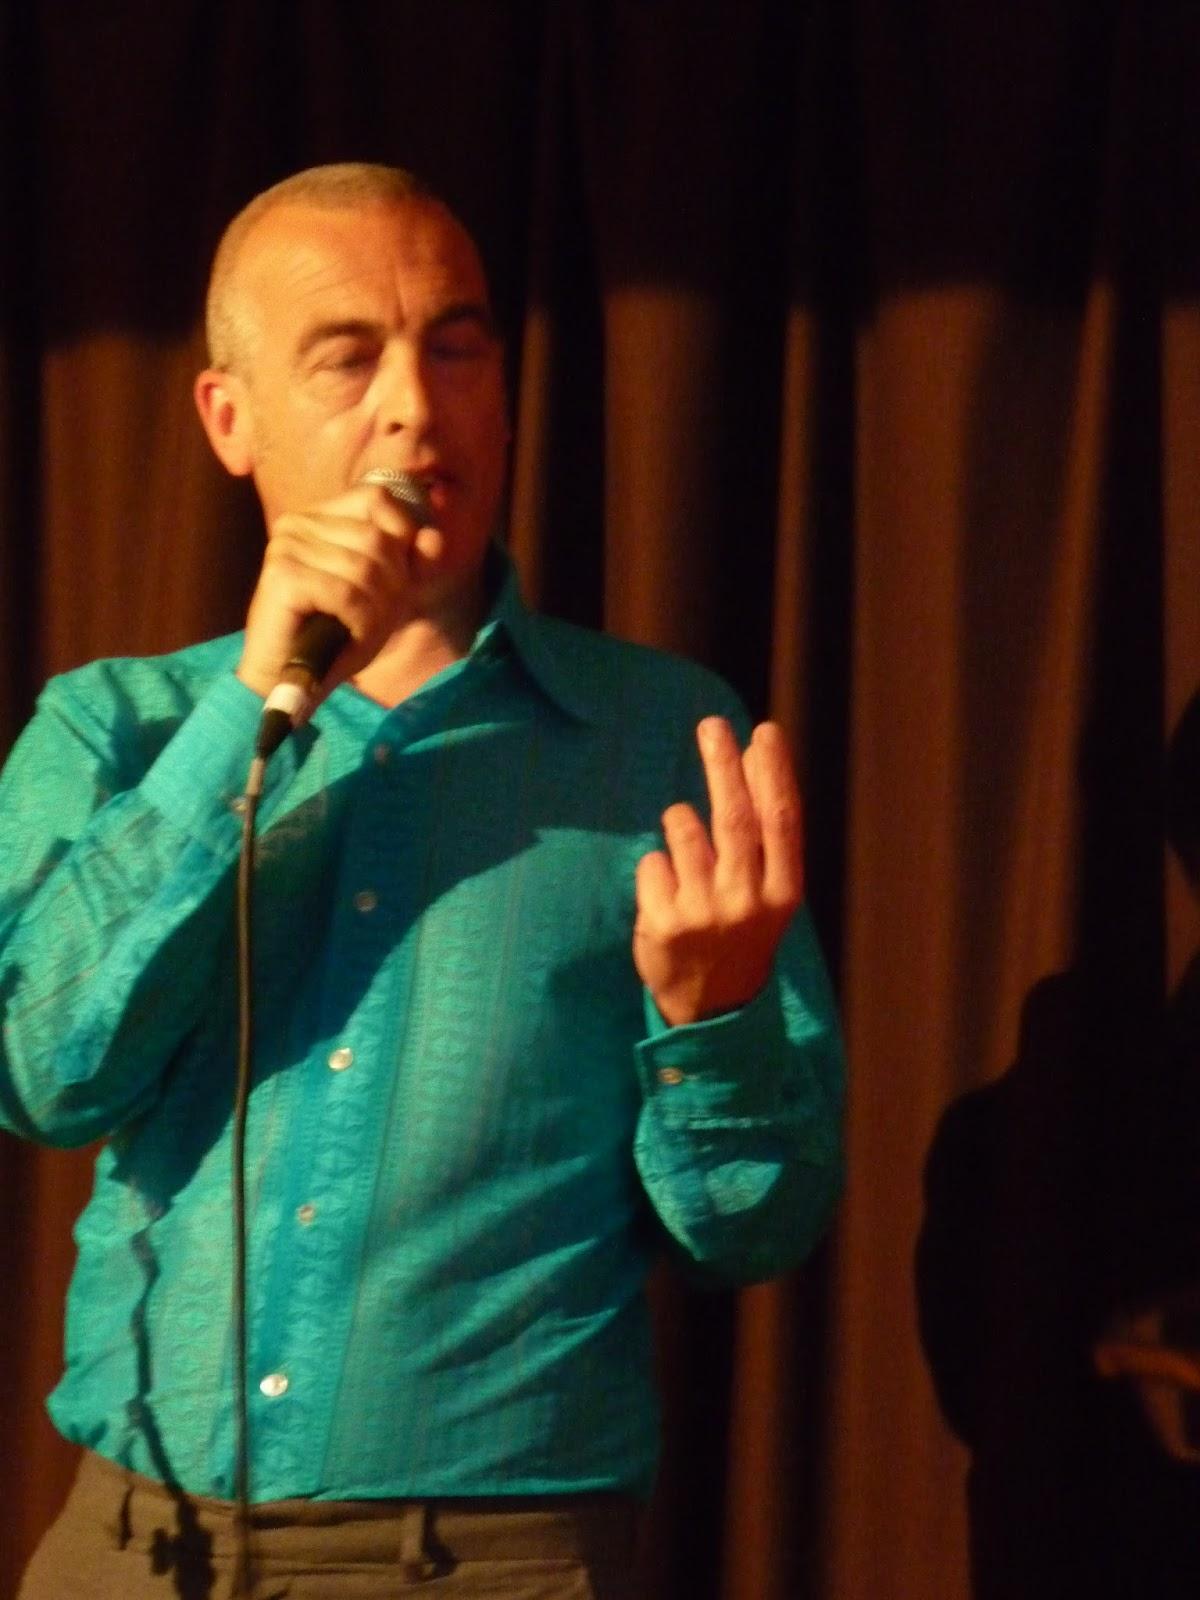 Artie Lange Dana Weller